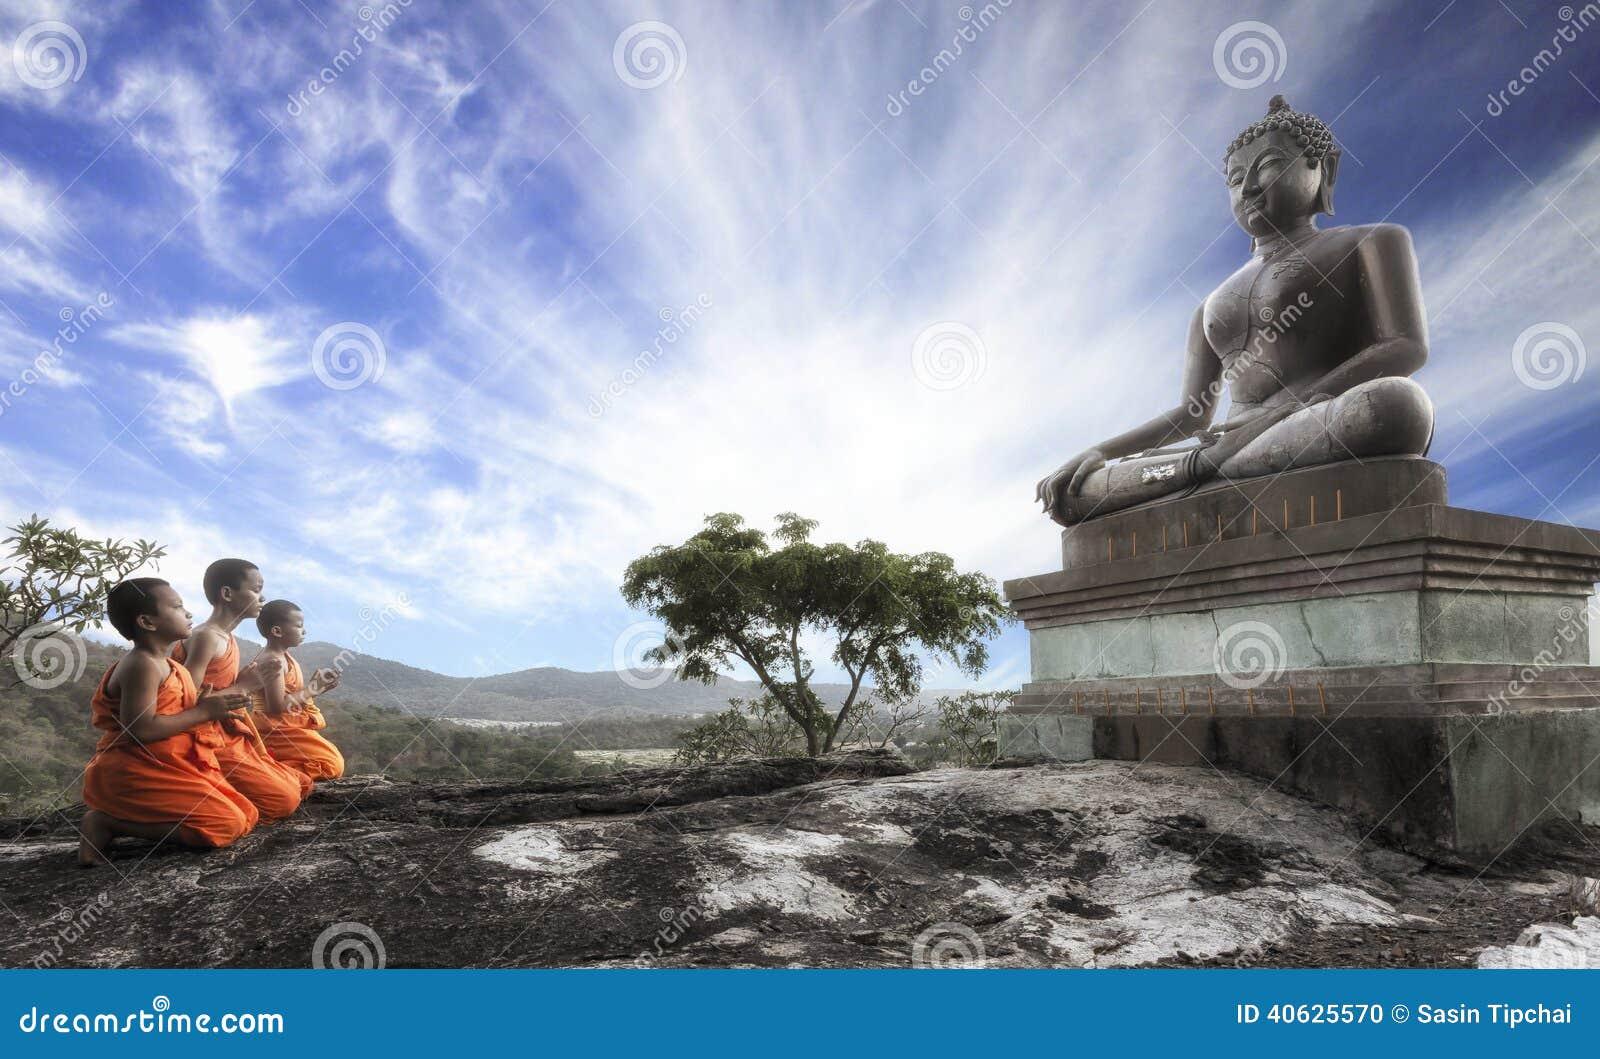 Lord Buddha Day Or Vesak Day, Buddhist Monk Prayin ...